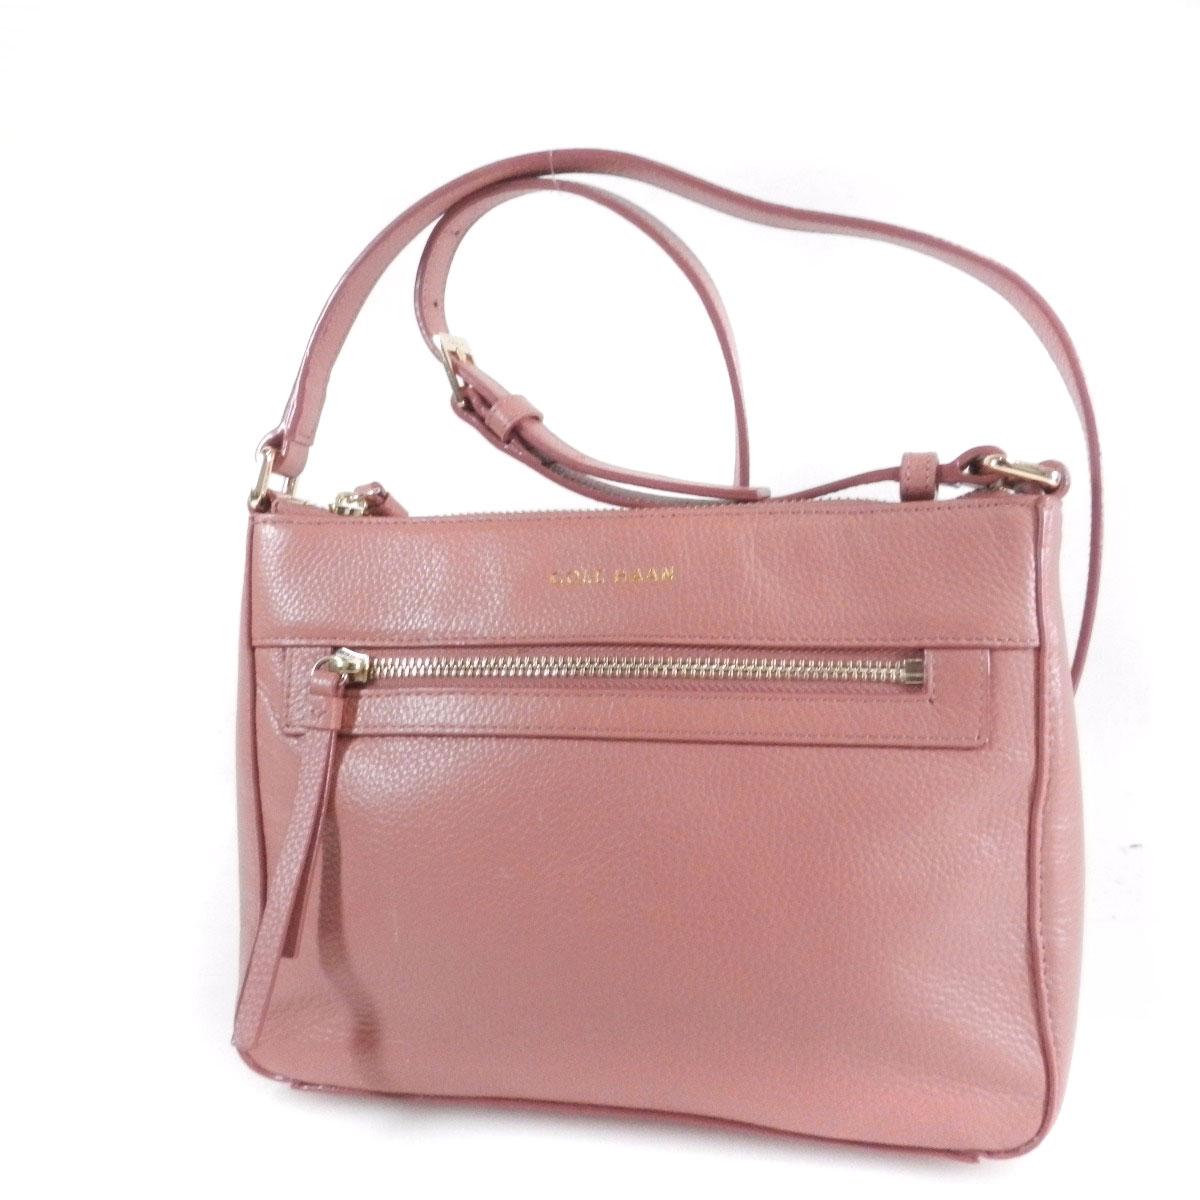 cole haan handbags discontinued